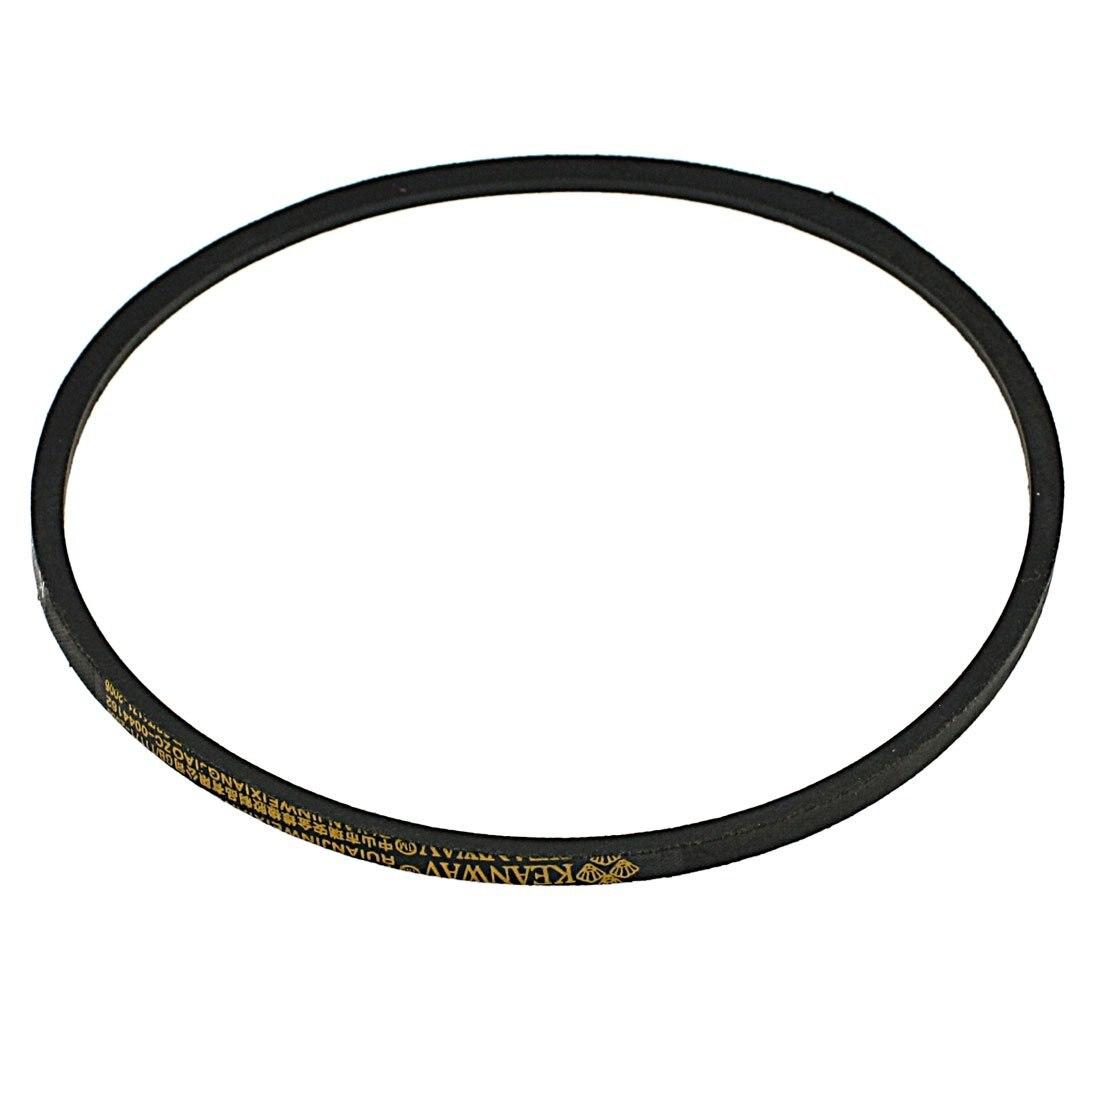 """Nouveau 5/16 """"x 26"""" industrie tondeuse à gazon en caoutchouc noir K Type Vee V ceinture K-26"""